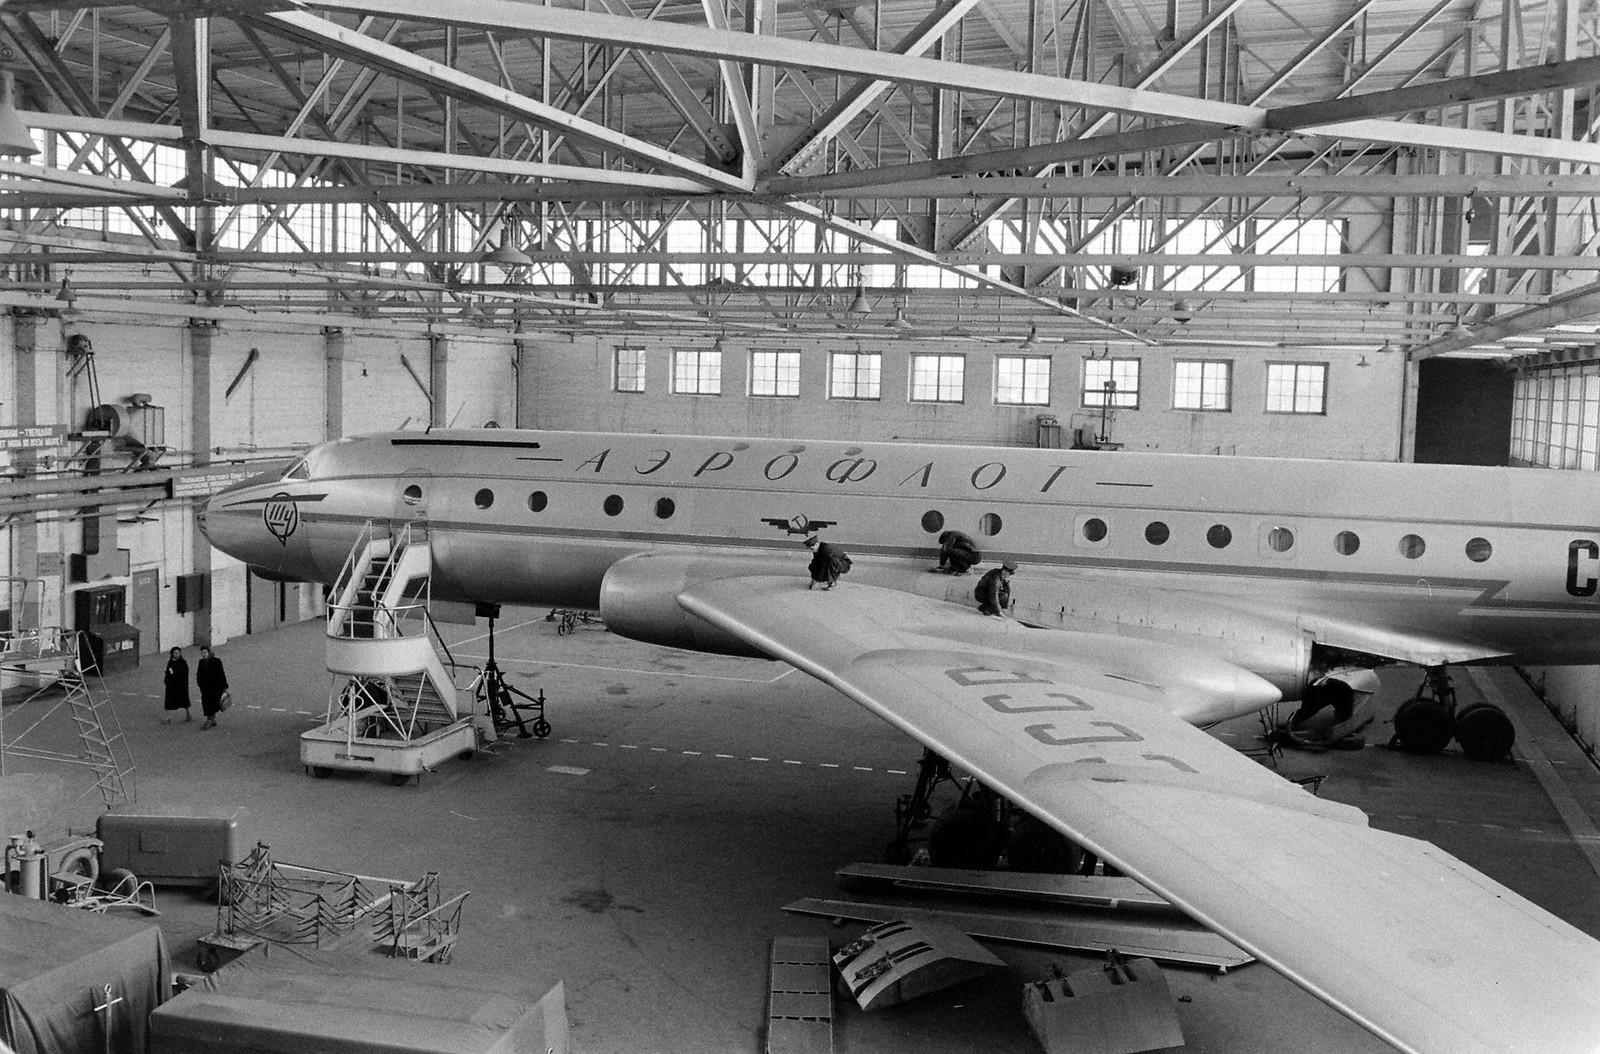 Техническое обслуживание самолета Ту-104 в ангаре аэропорта Внуково